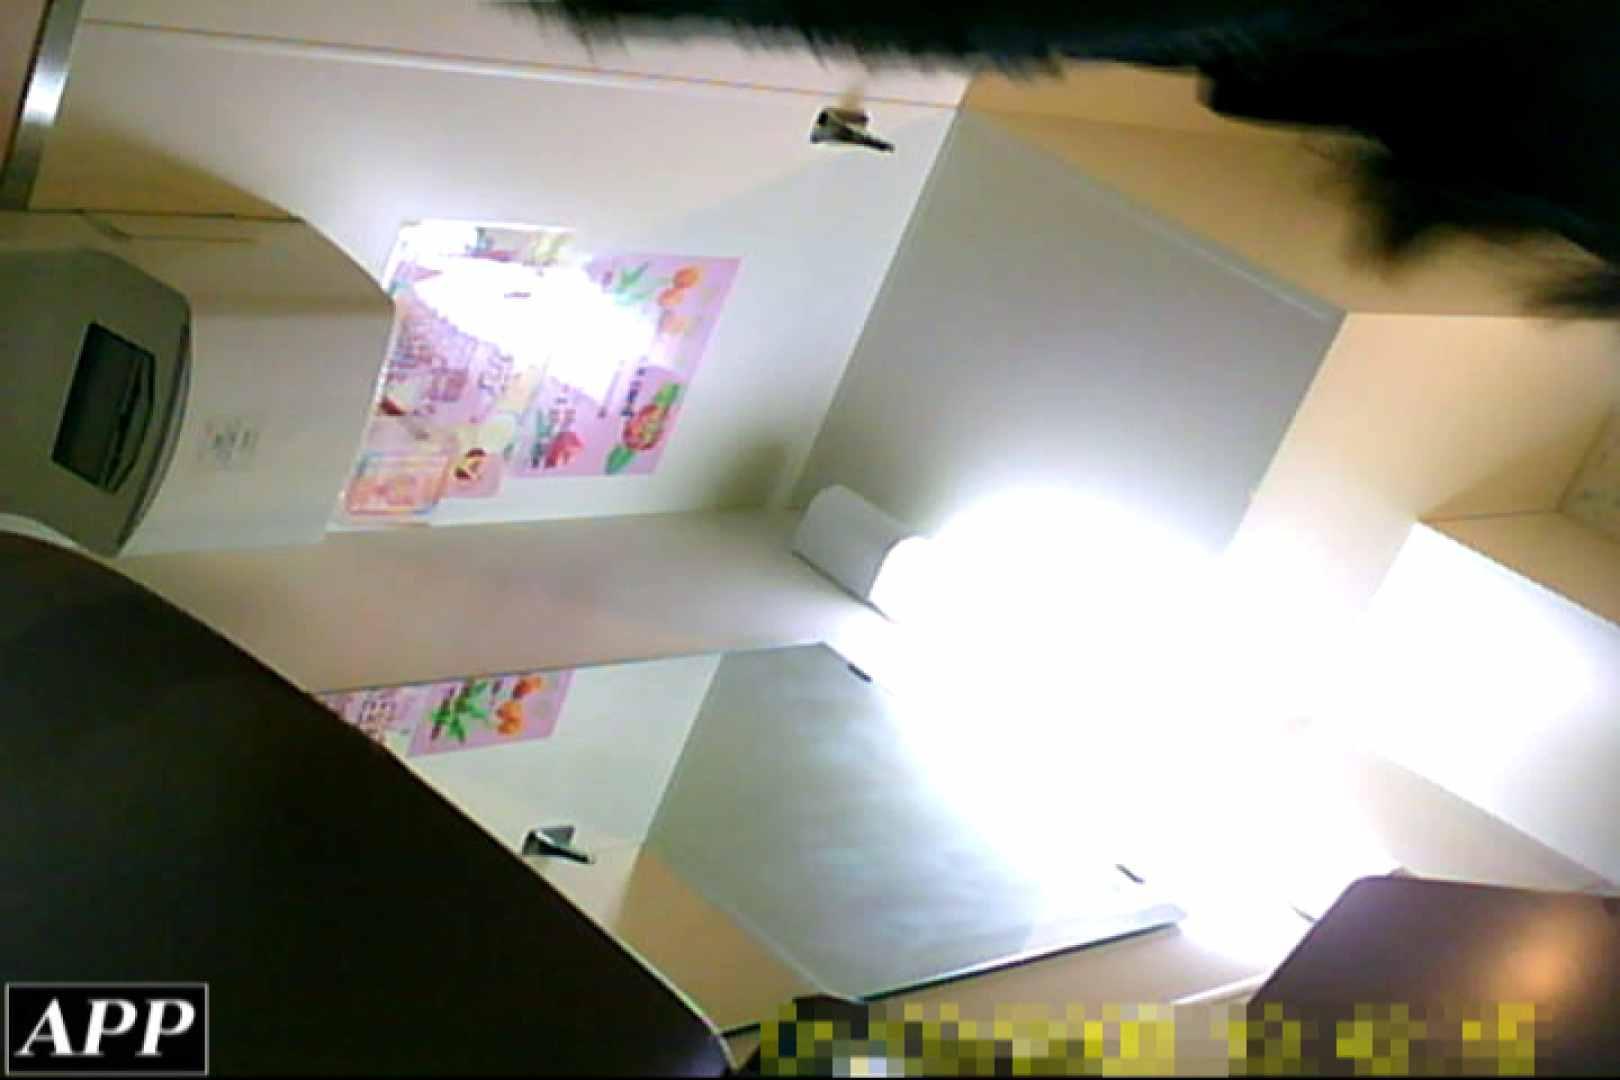 3視点洗面所 vol.108 美しいOLの裸体   マンコ・ムレムレ  80pic 31